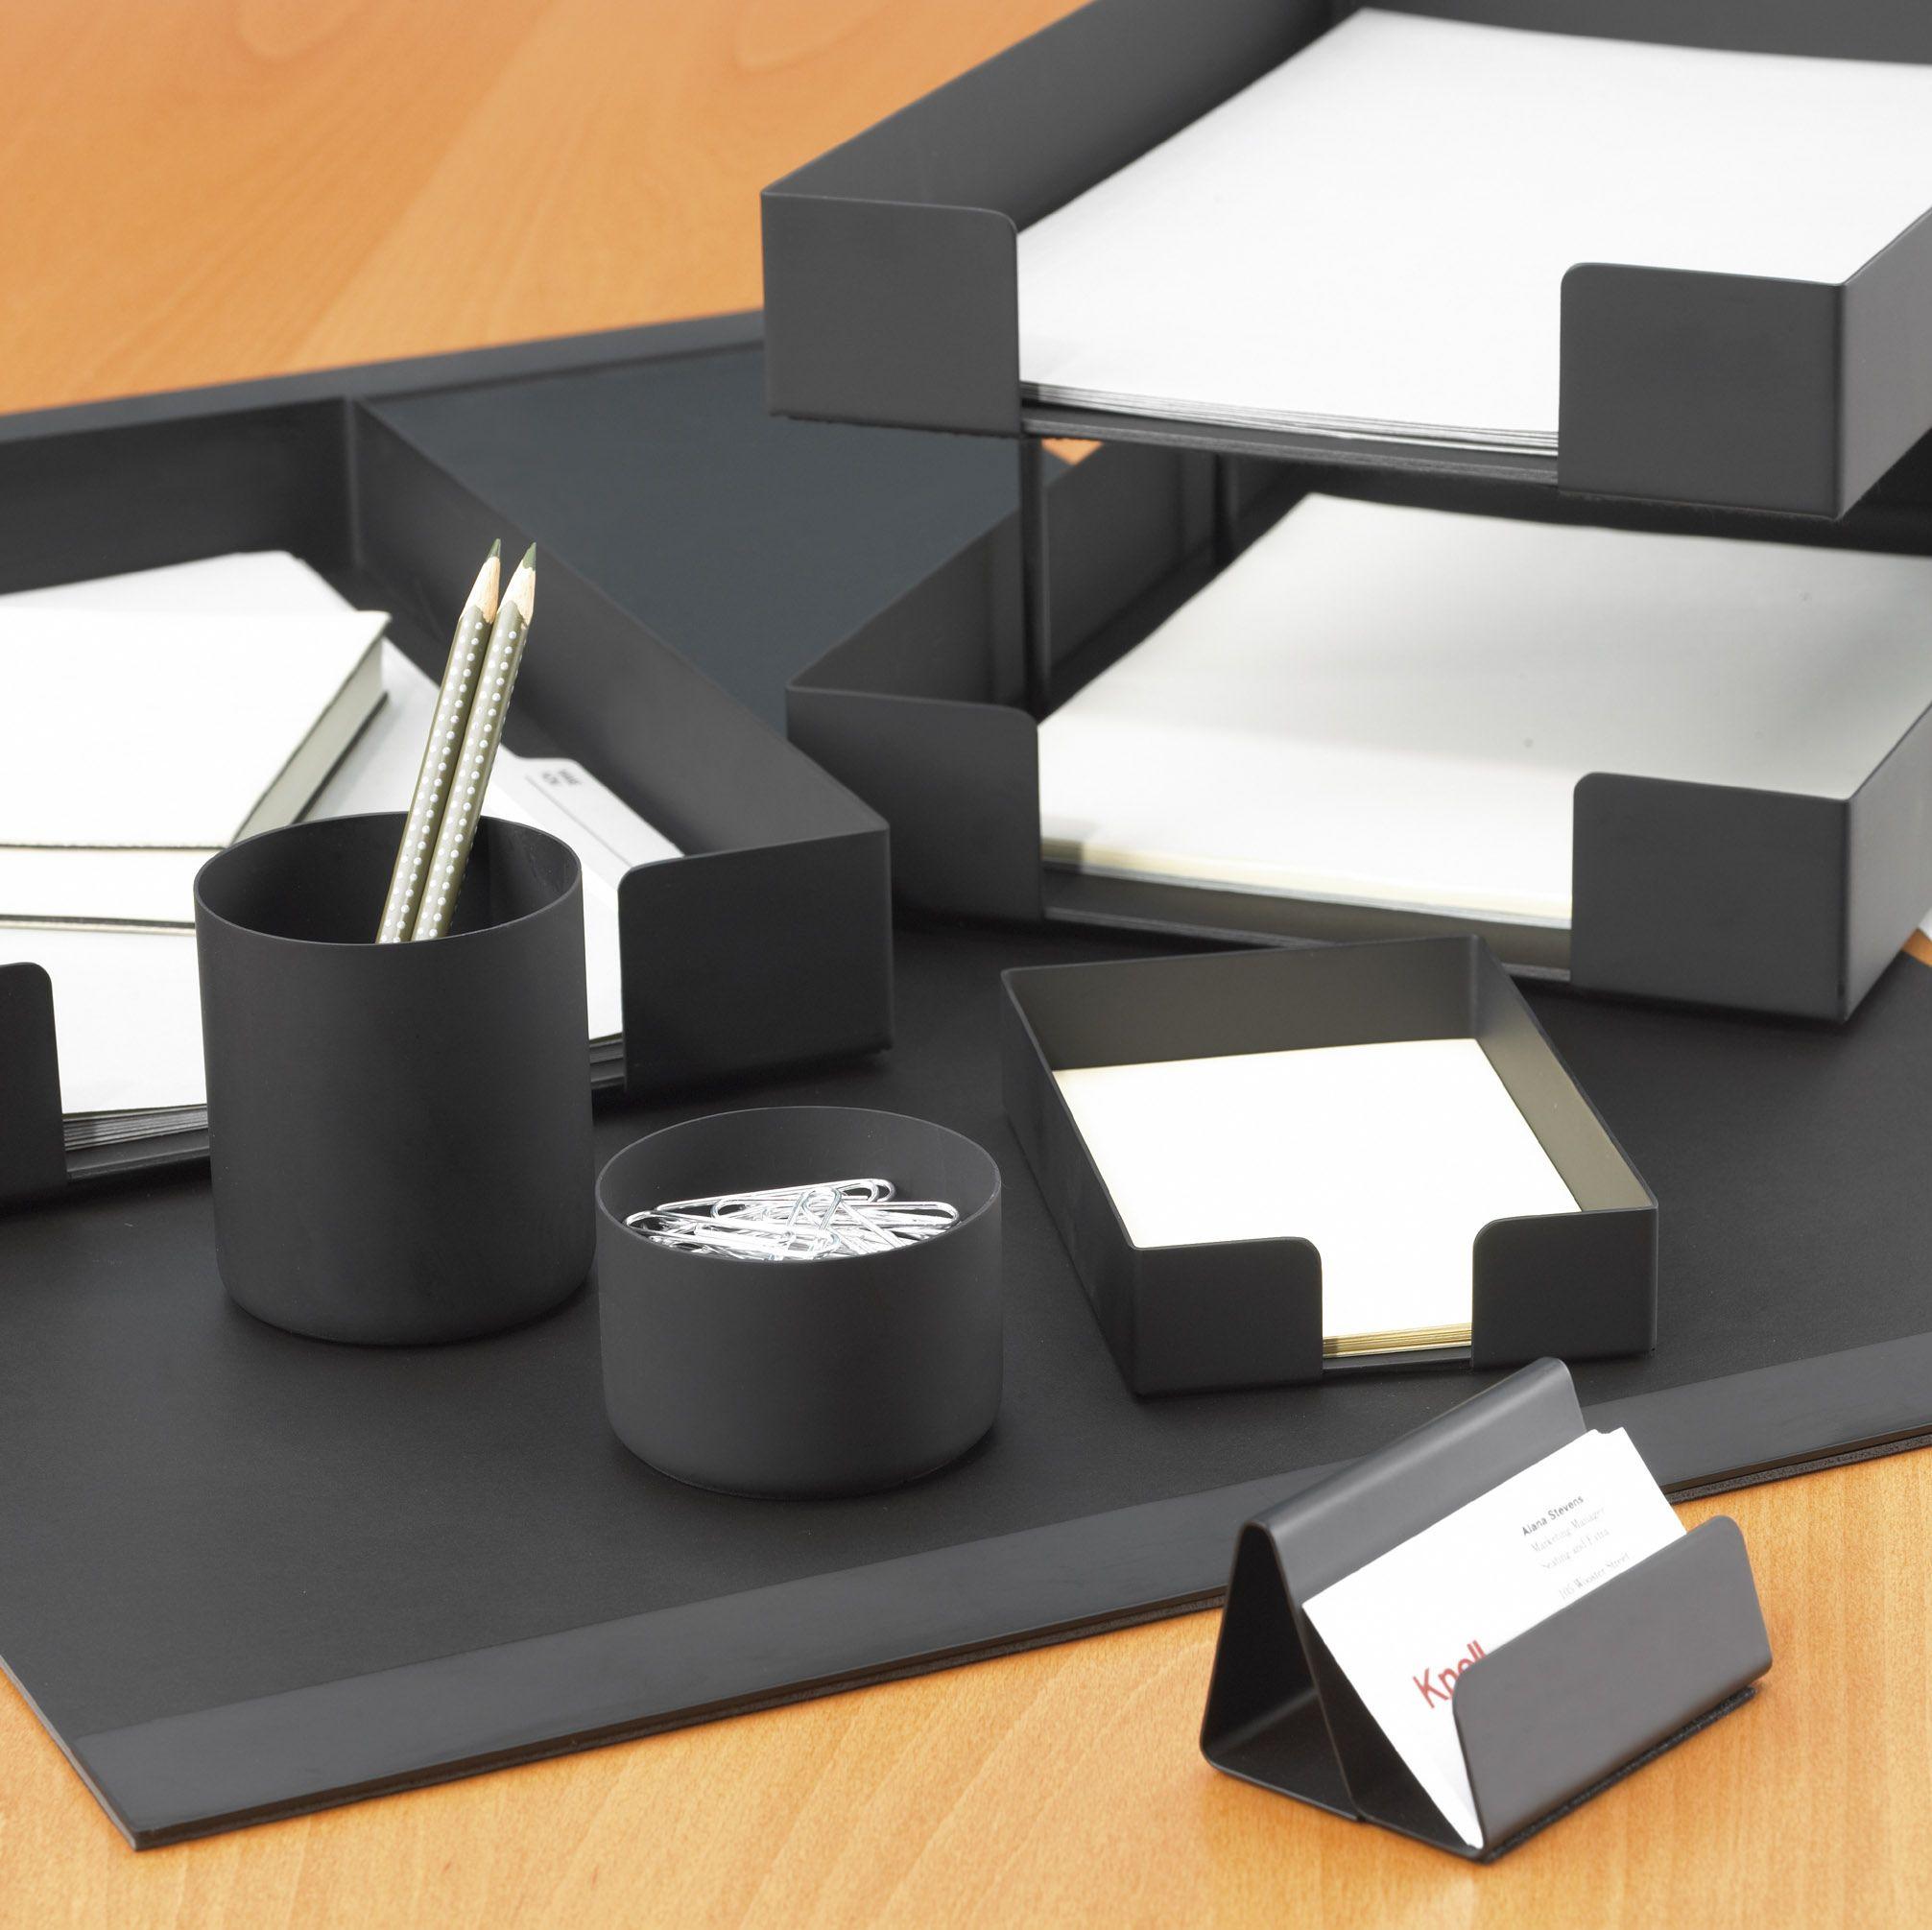 Modern office desk supplies desk wall art ideas check more at http